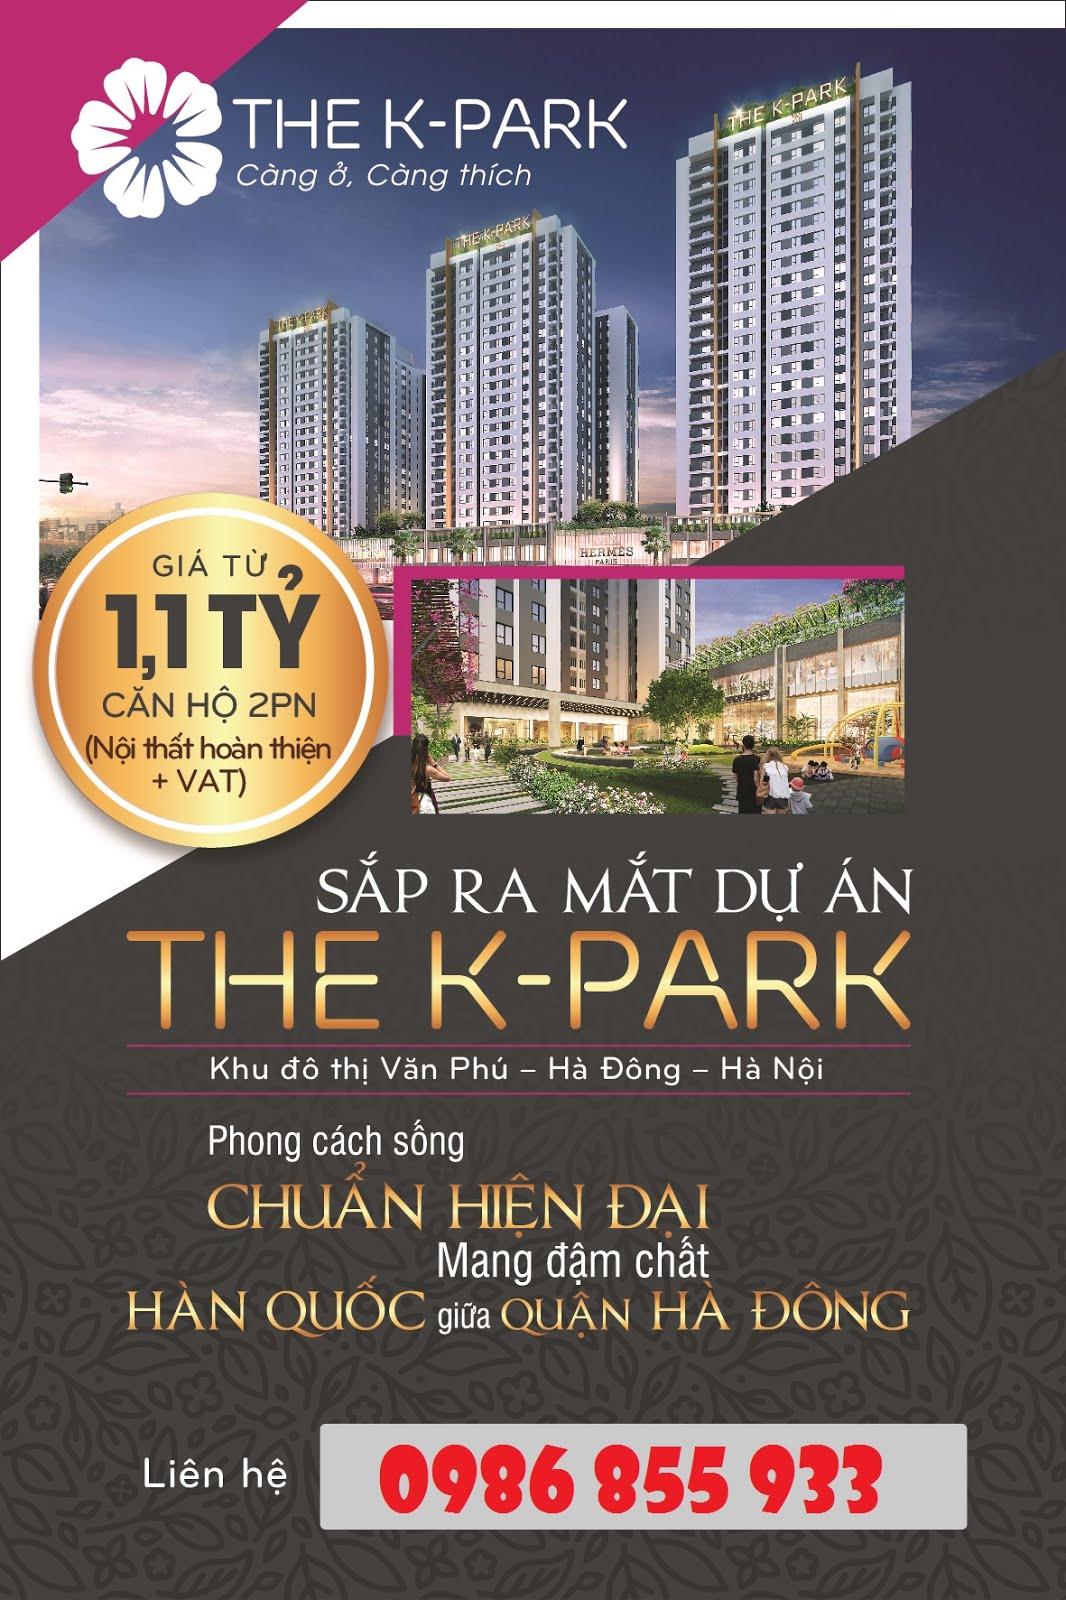 Chung cư The K-Park